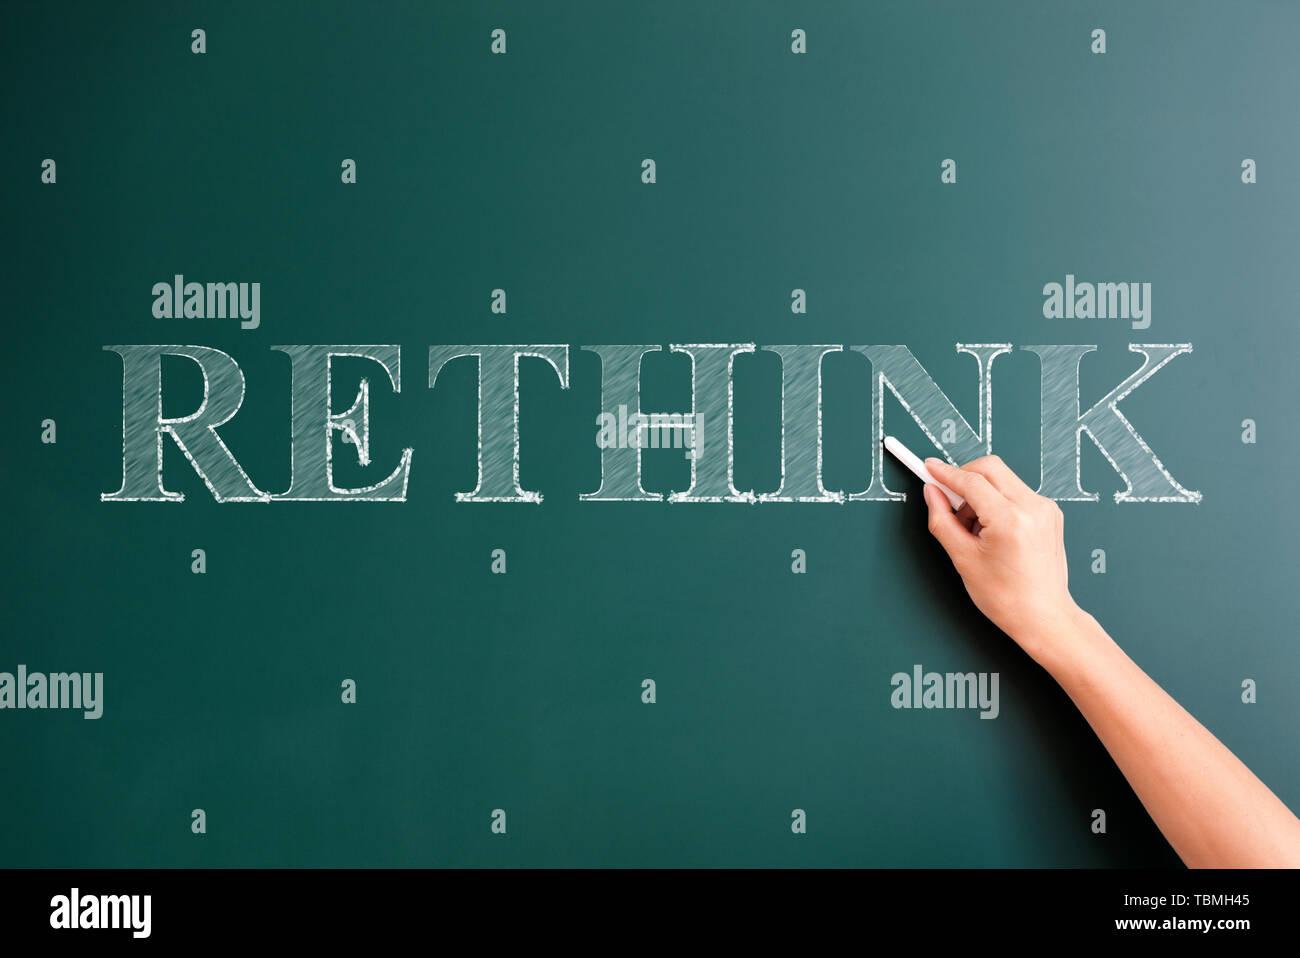 rethink written on blackboard - Stock Image